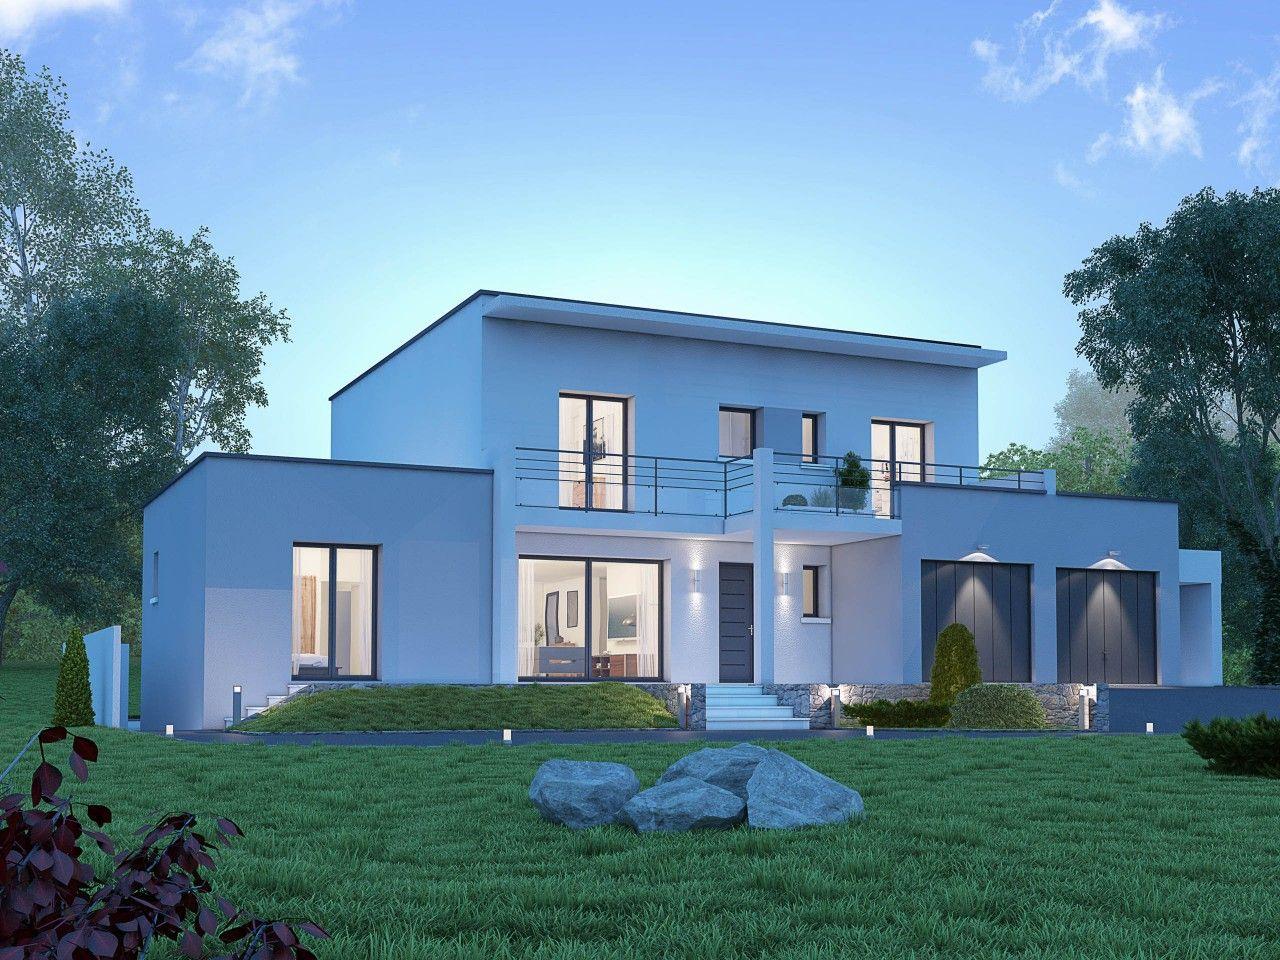 maison en ligne terre demeure constructeur de maisons individuelles en ile de france. Black Bedroom Furniture Sets. Home Design Ideas